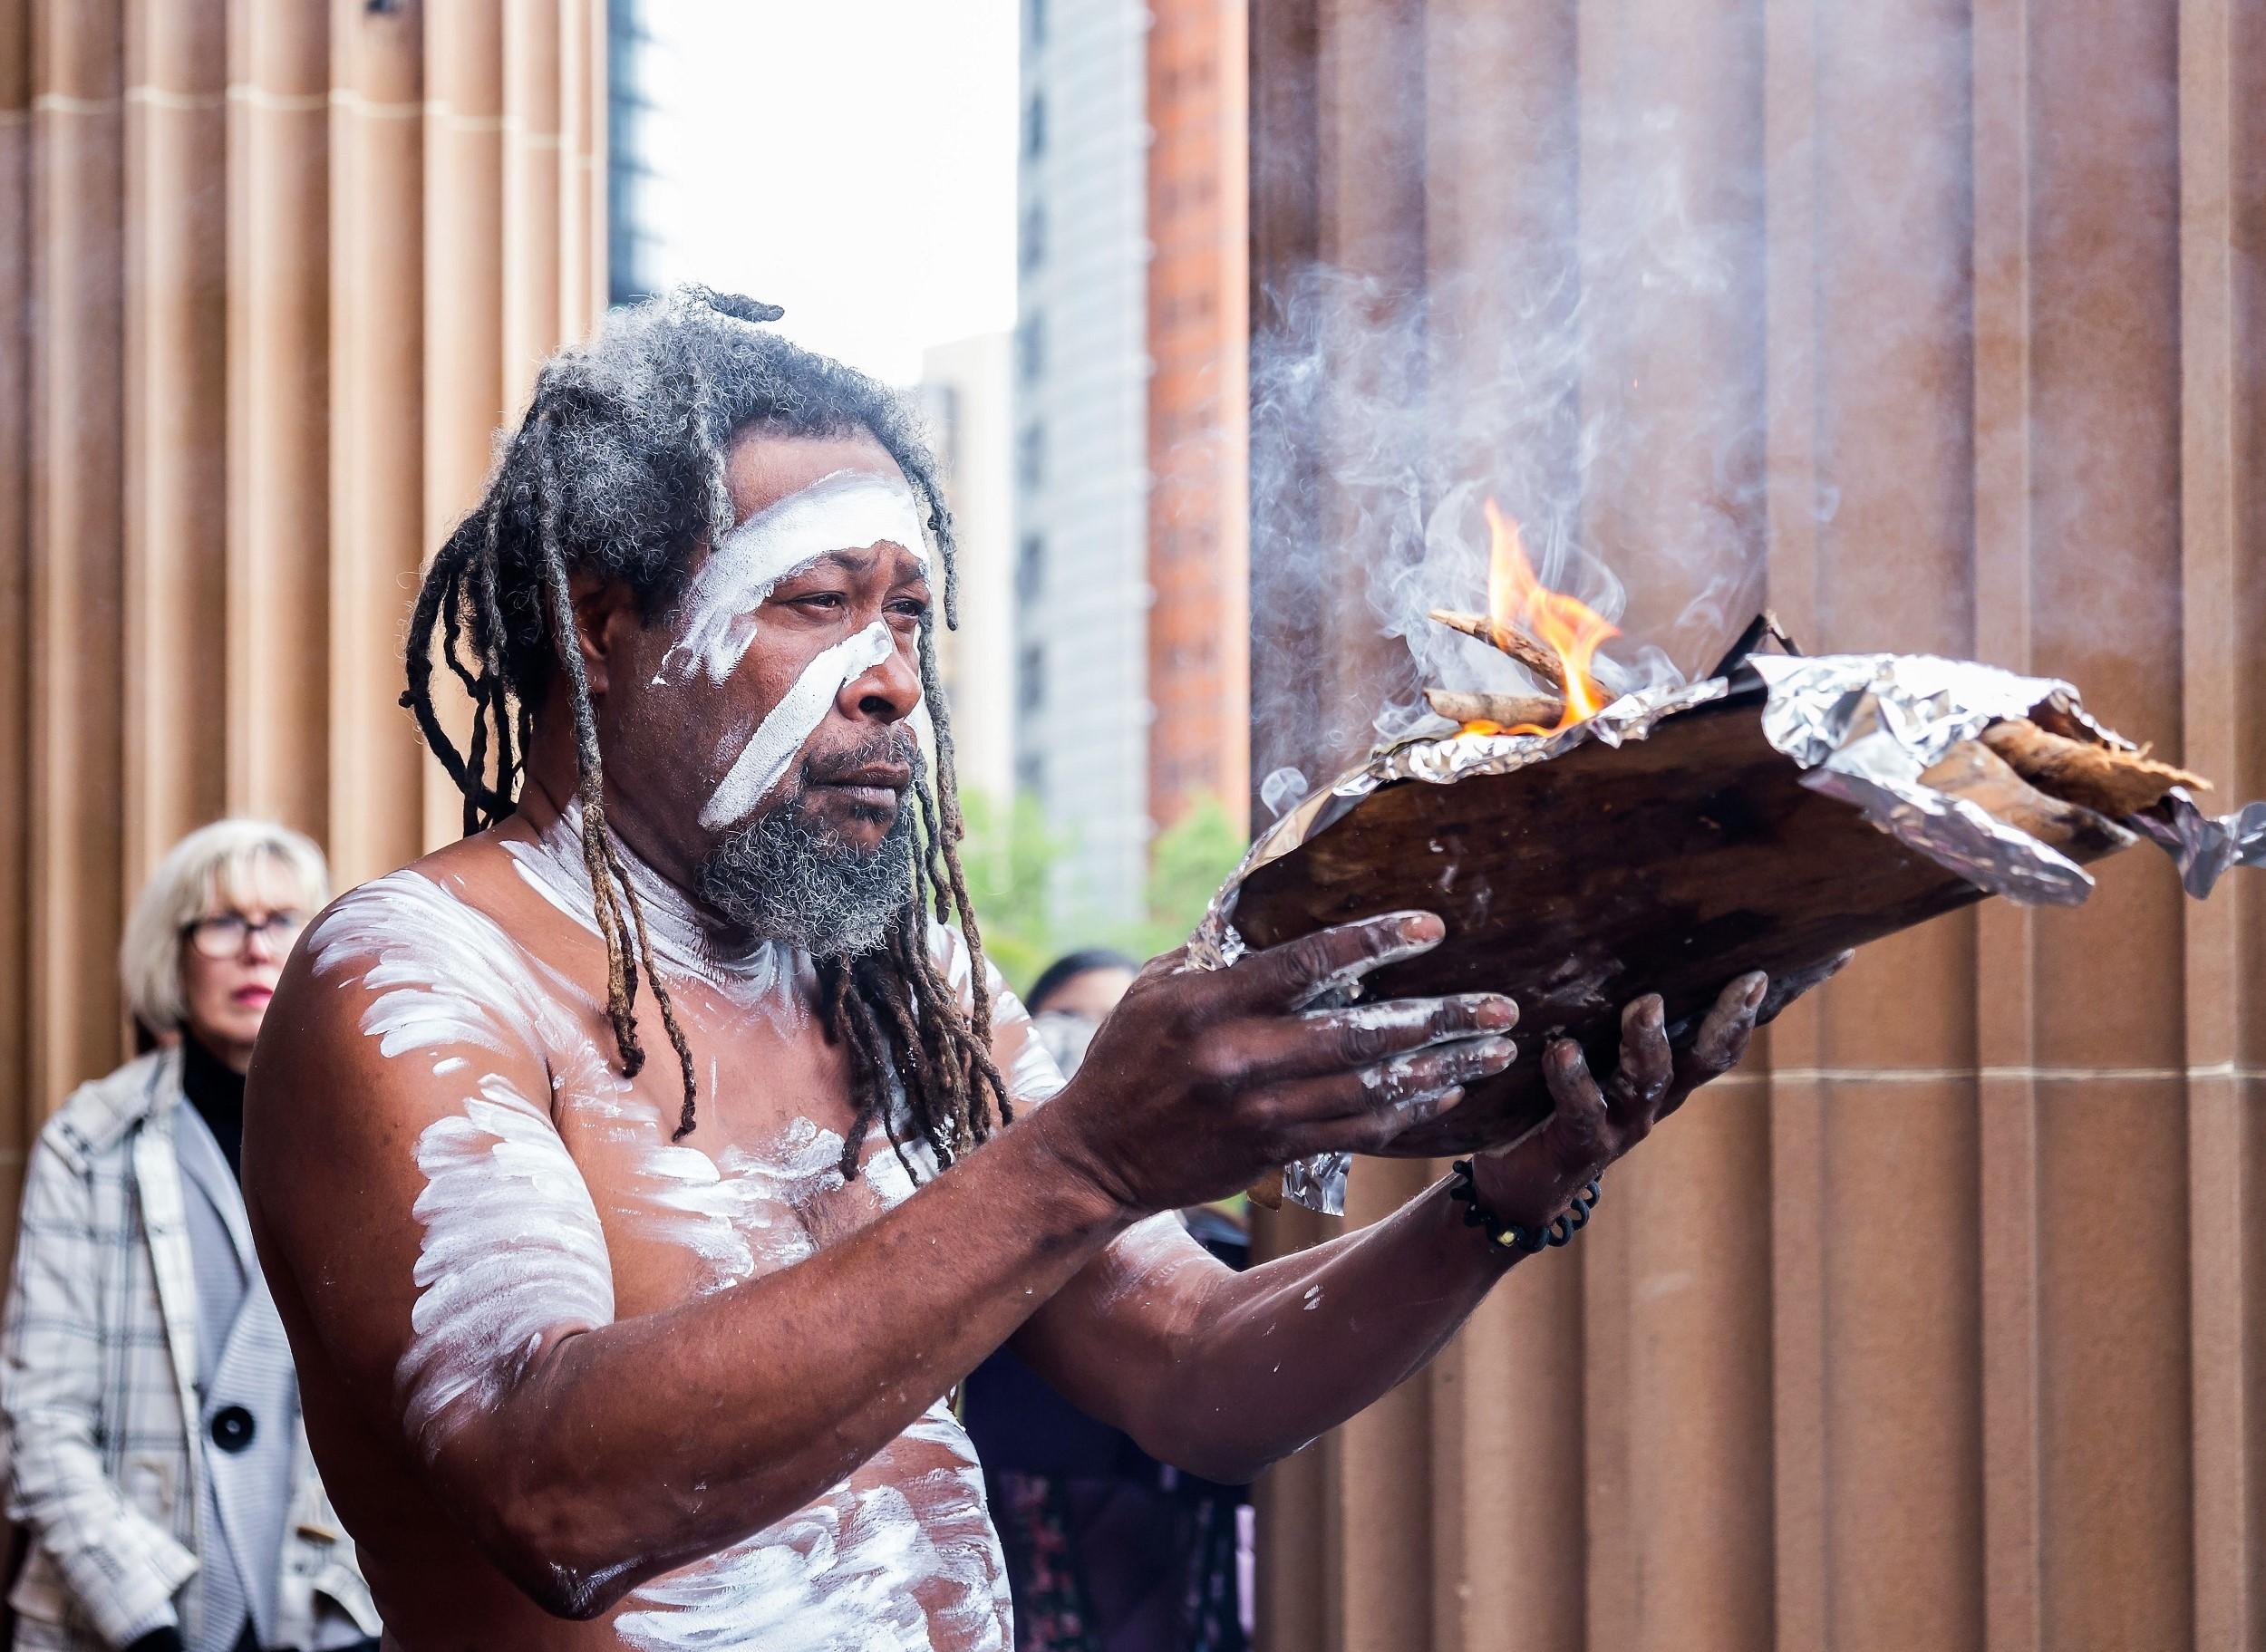 Australian aborigine